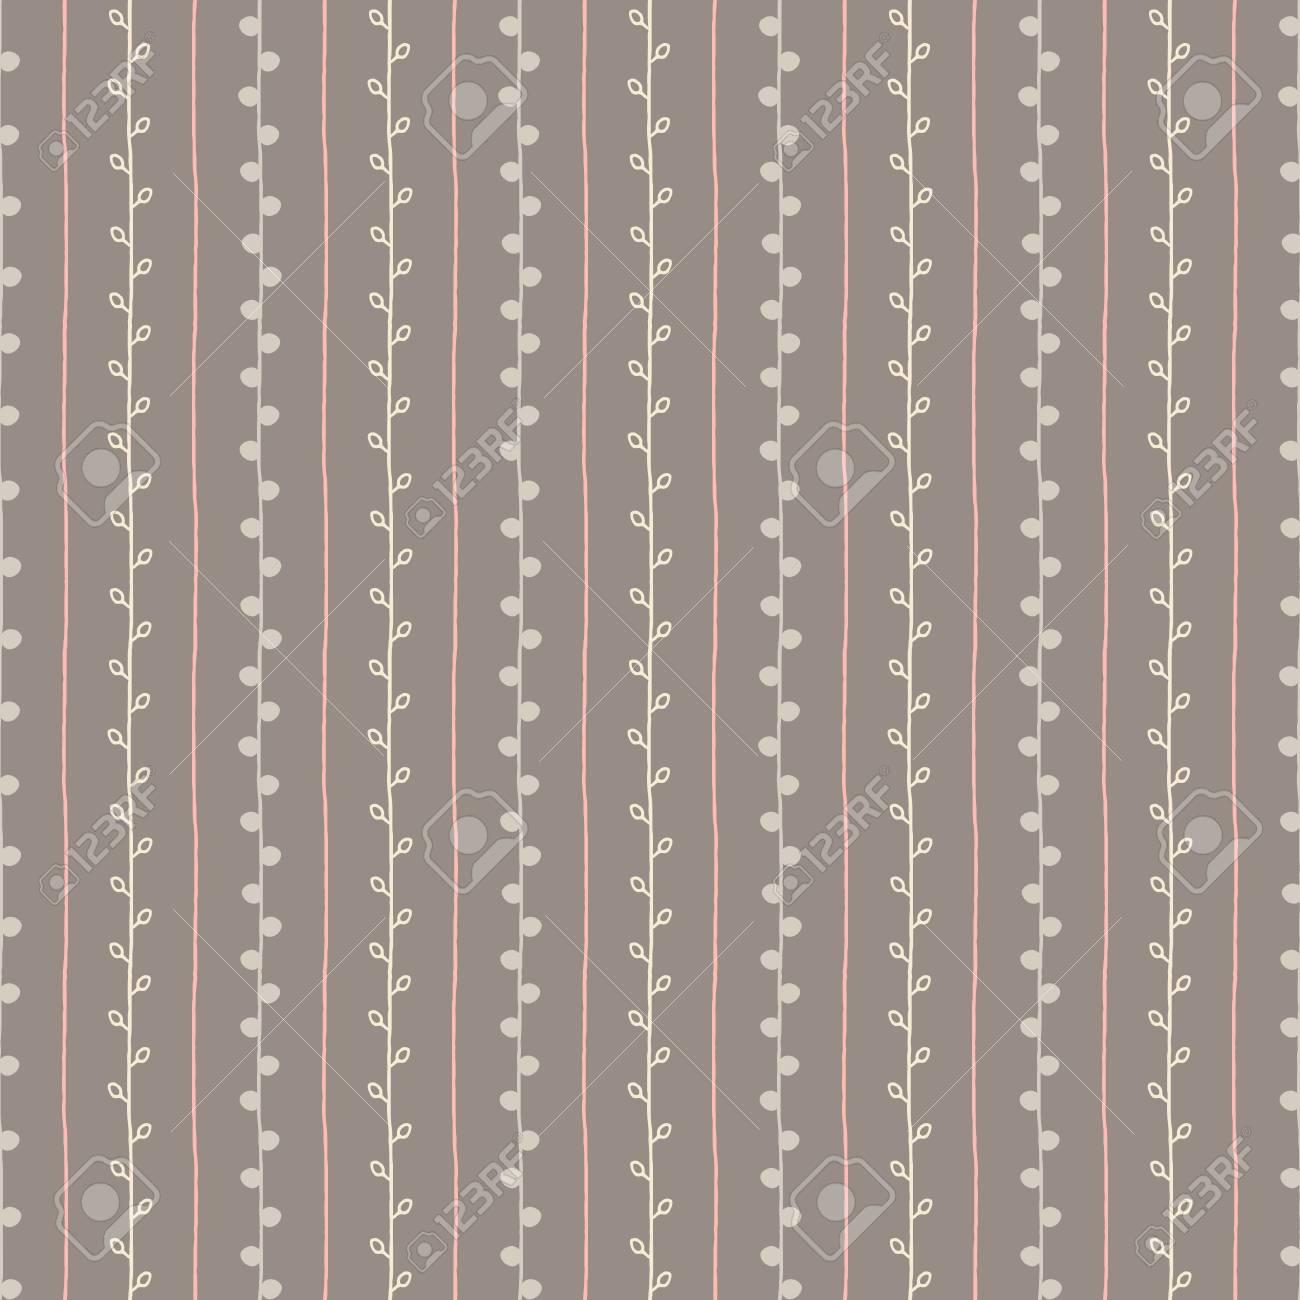 Modello Vettoriale Schizzo Senza Soluzione Di Continuità Sfondo Grigio Rosa E Bianco Ramoscello Struttura Del Ramo Disegnato A Mano